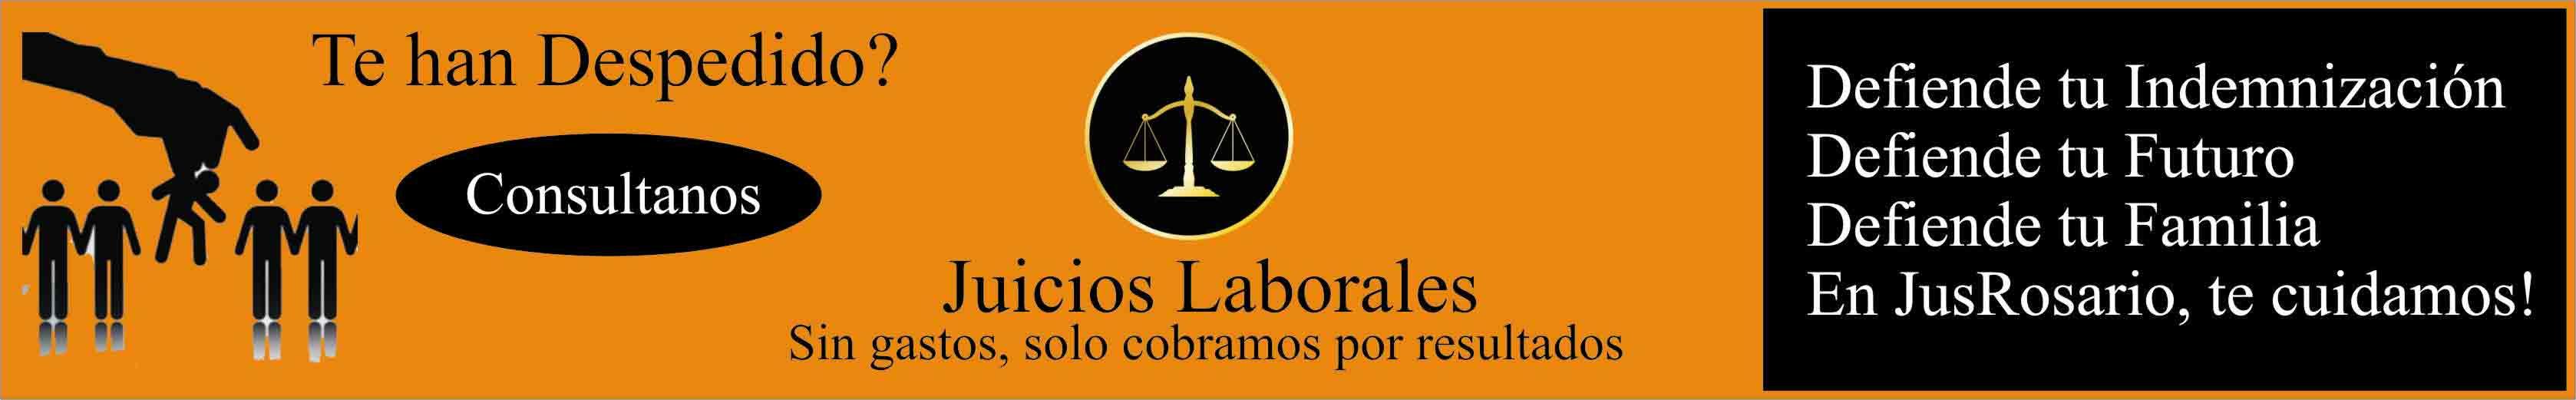 Abogados en Rosario, despidos, indemnizaciones